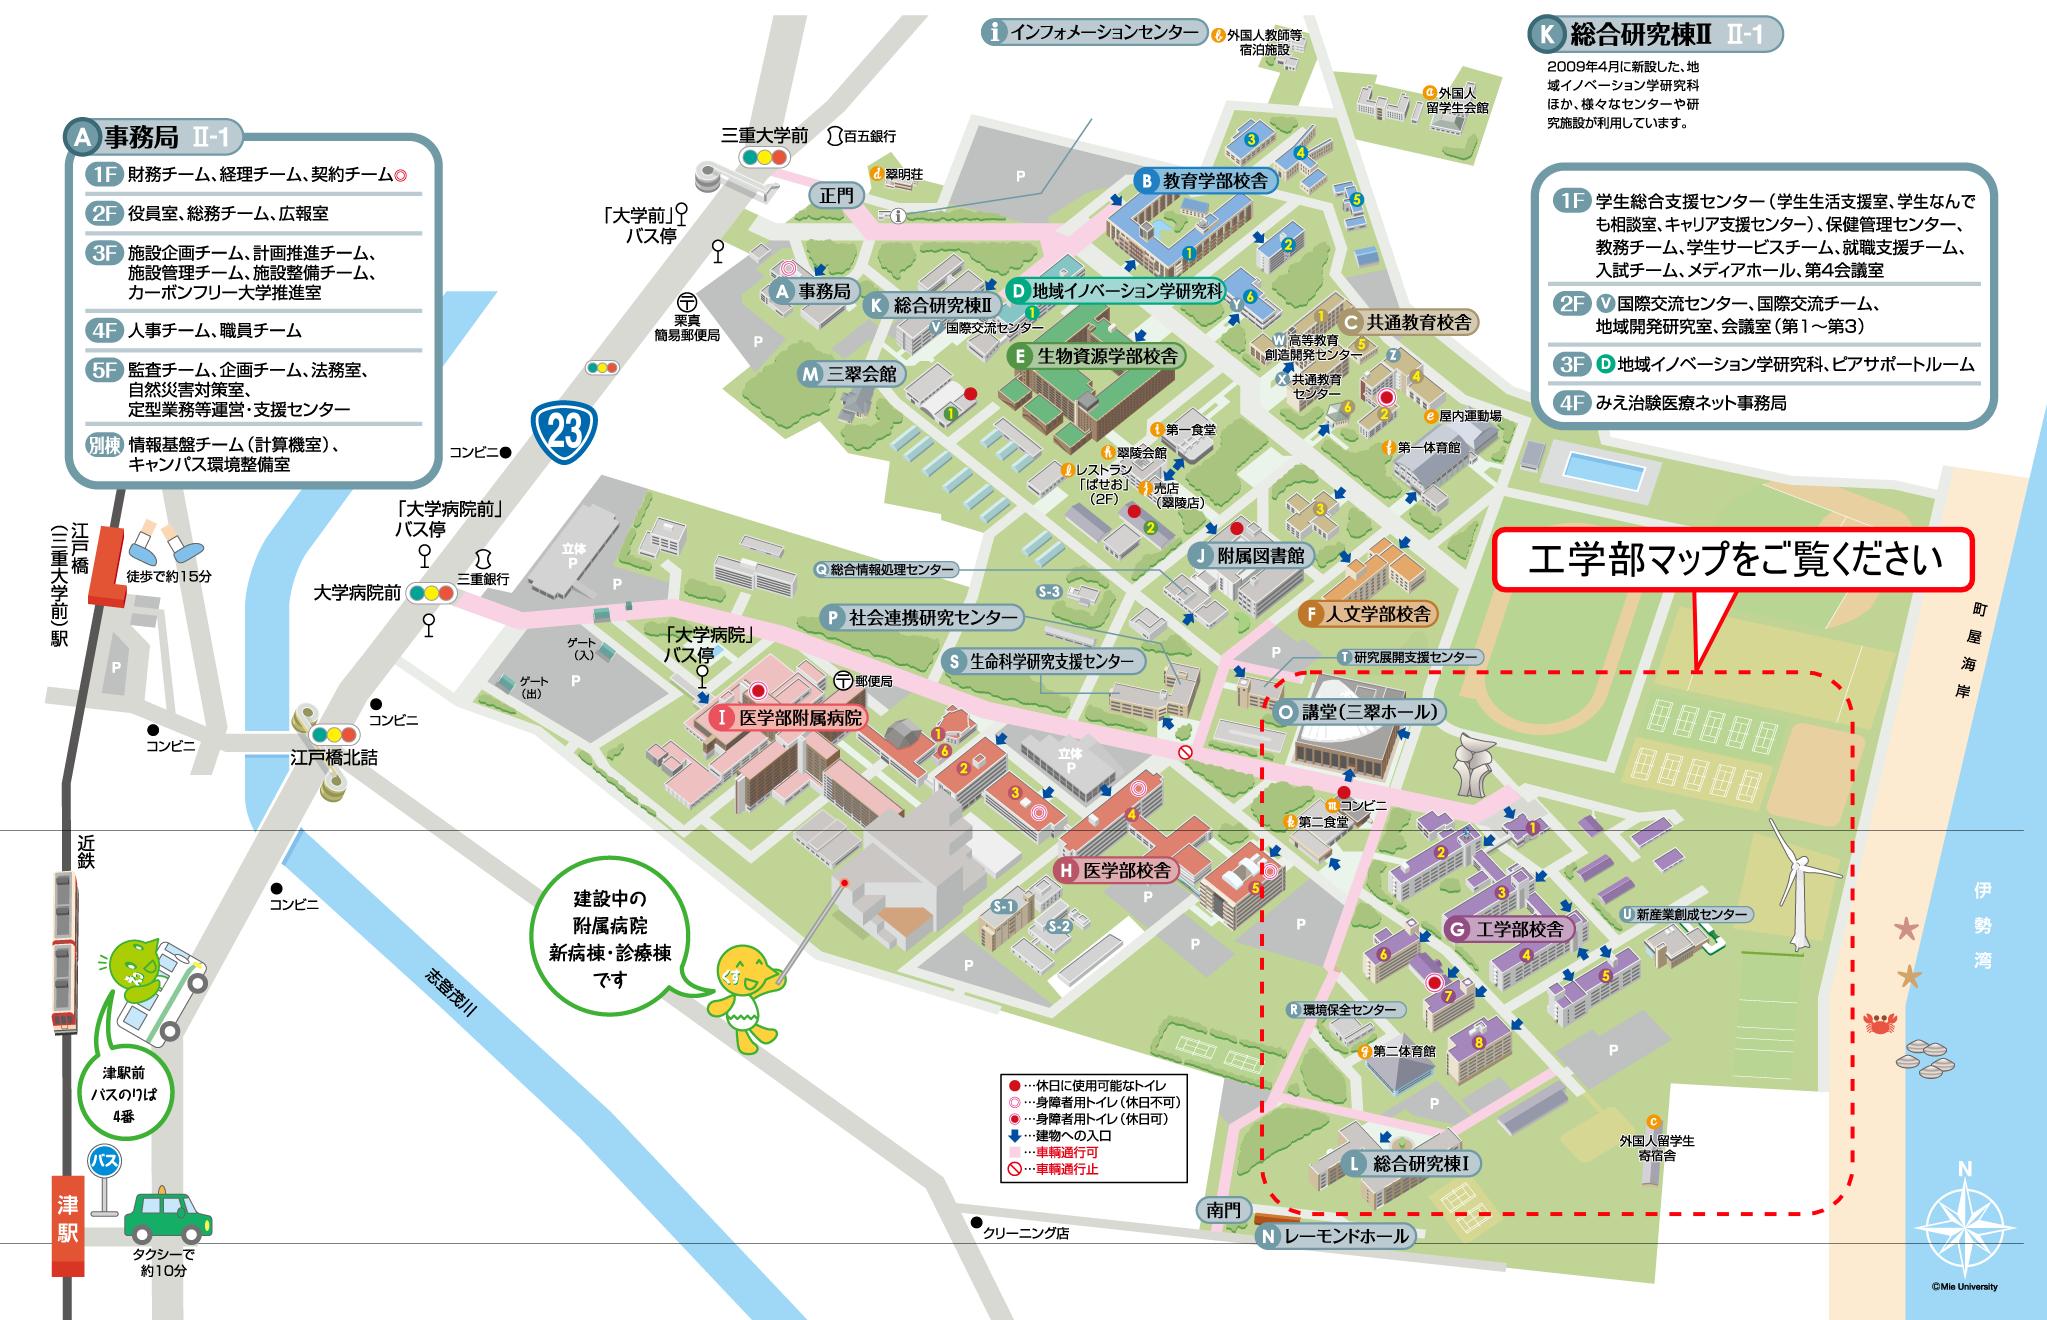 工学部地図